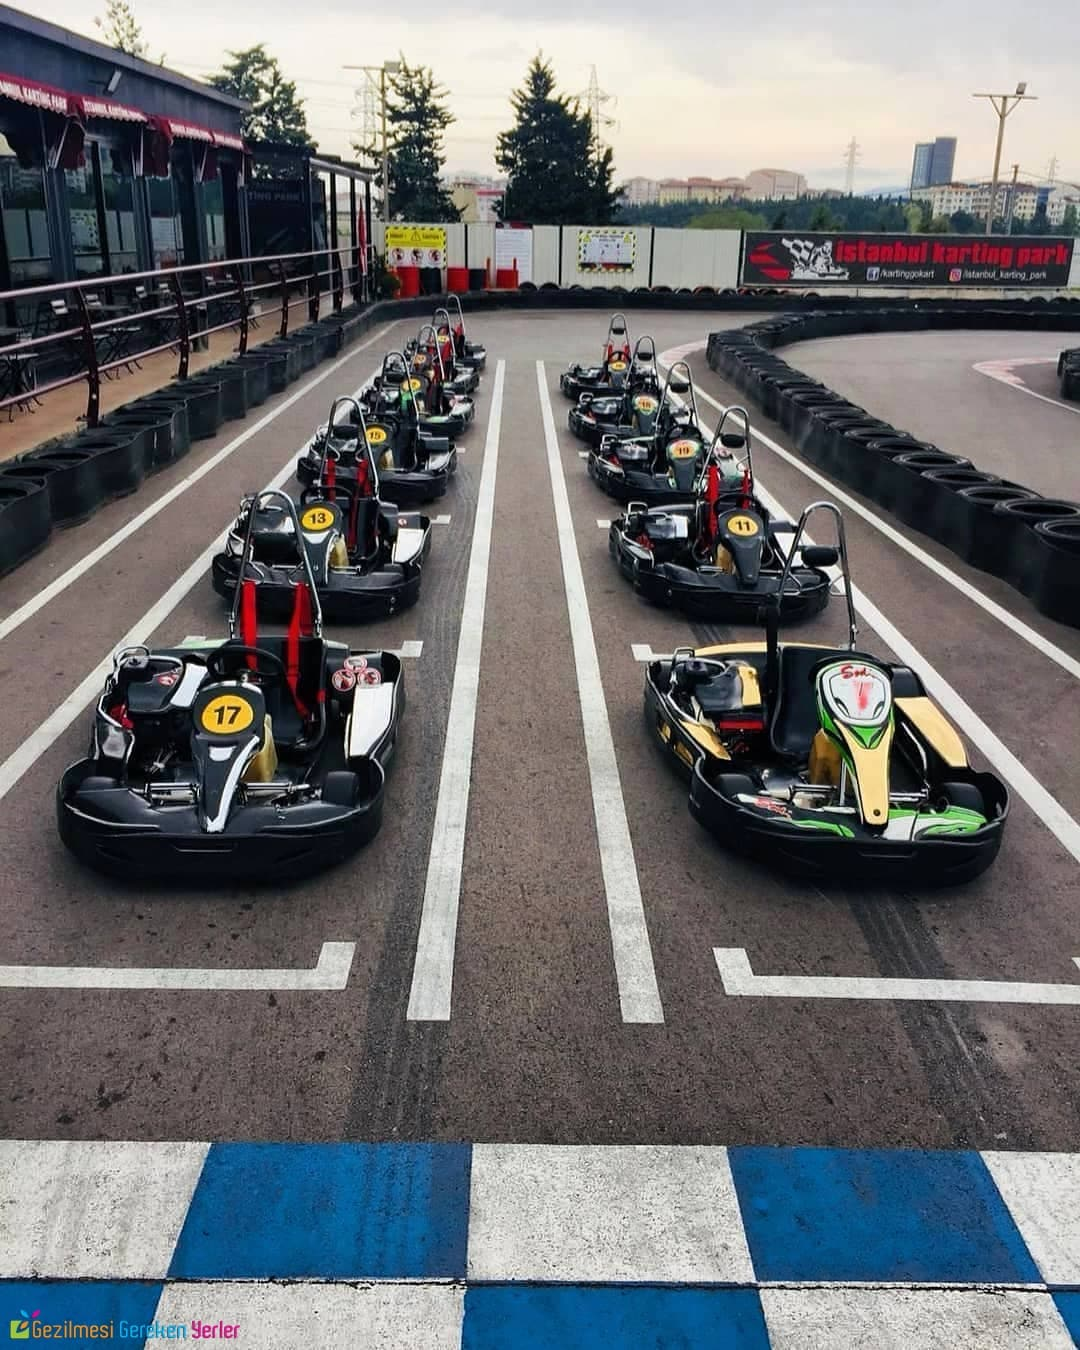 İstanbul Karting Park